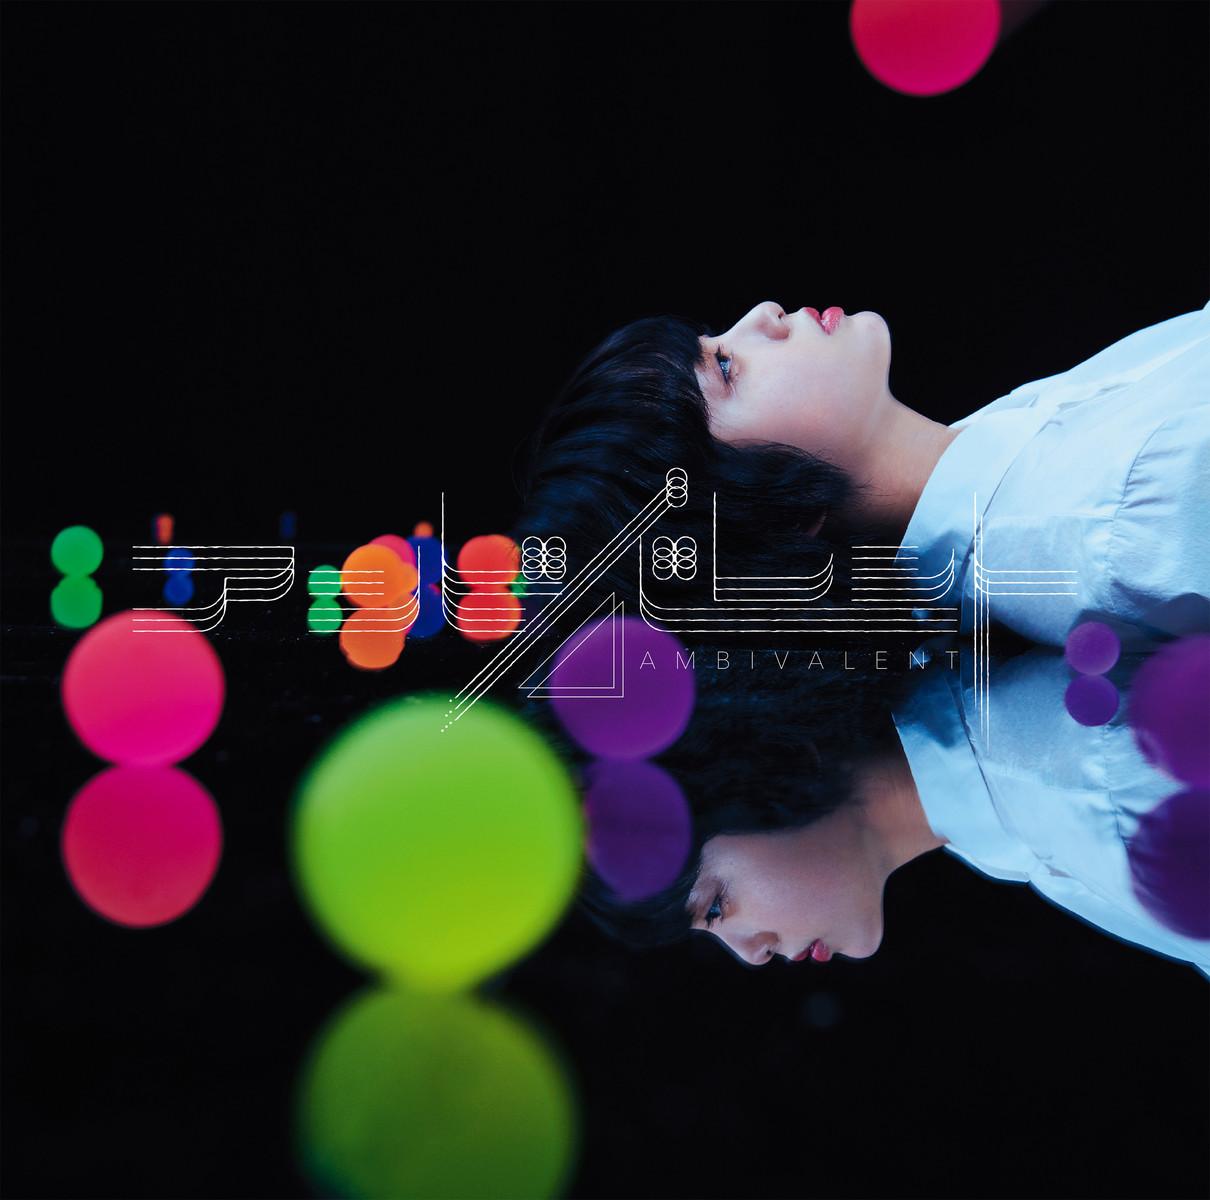 欅坂46】平手友梨奈応援スレ★106【てち】 YouTube動画>42本 ->画像>77枚